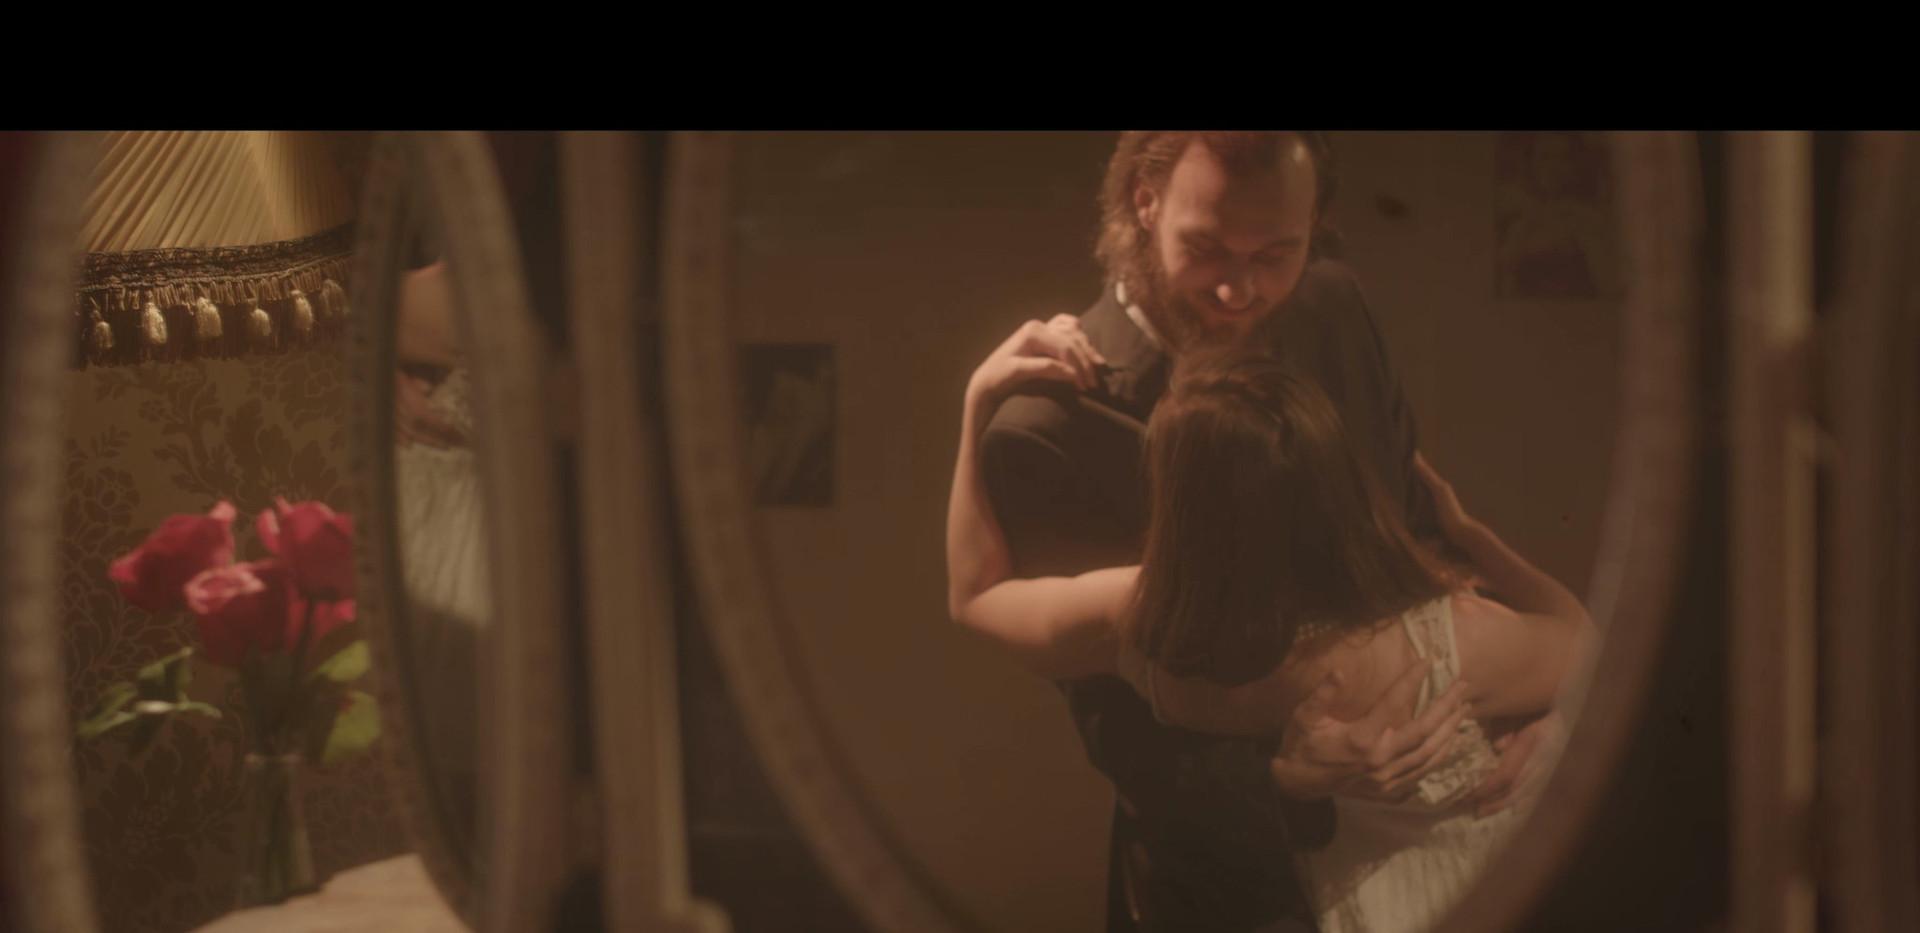 Screen-still, Romance is Dead (2018)